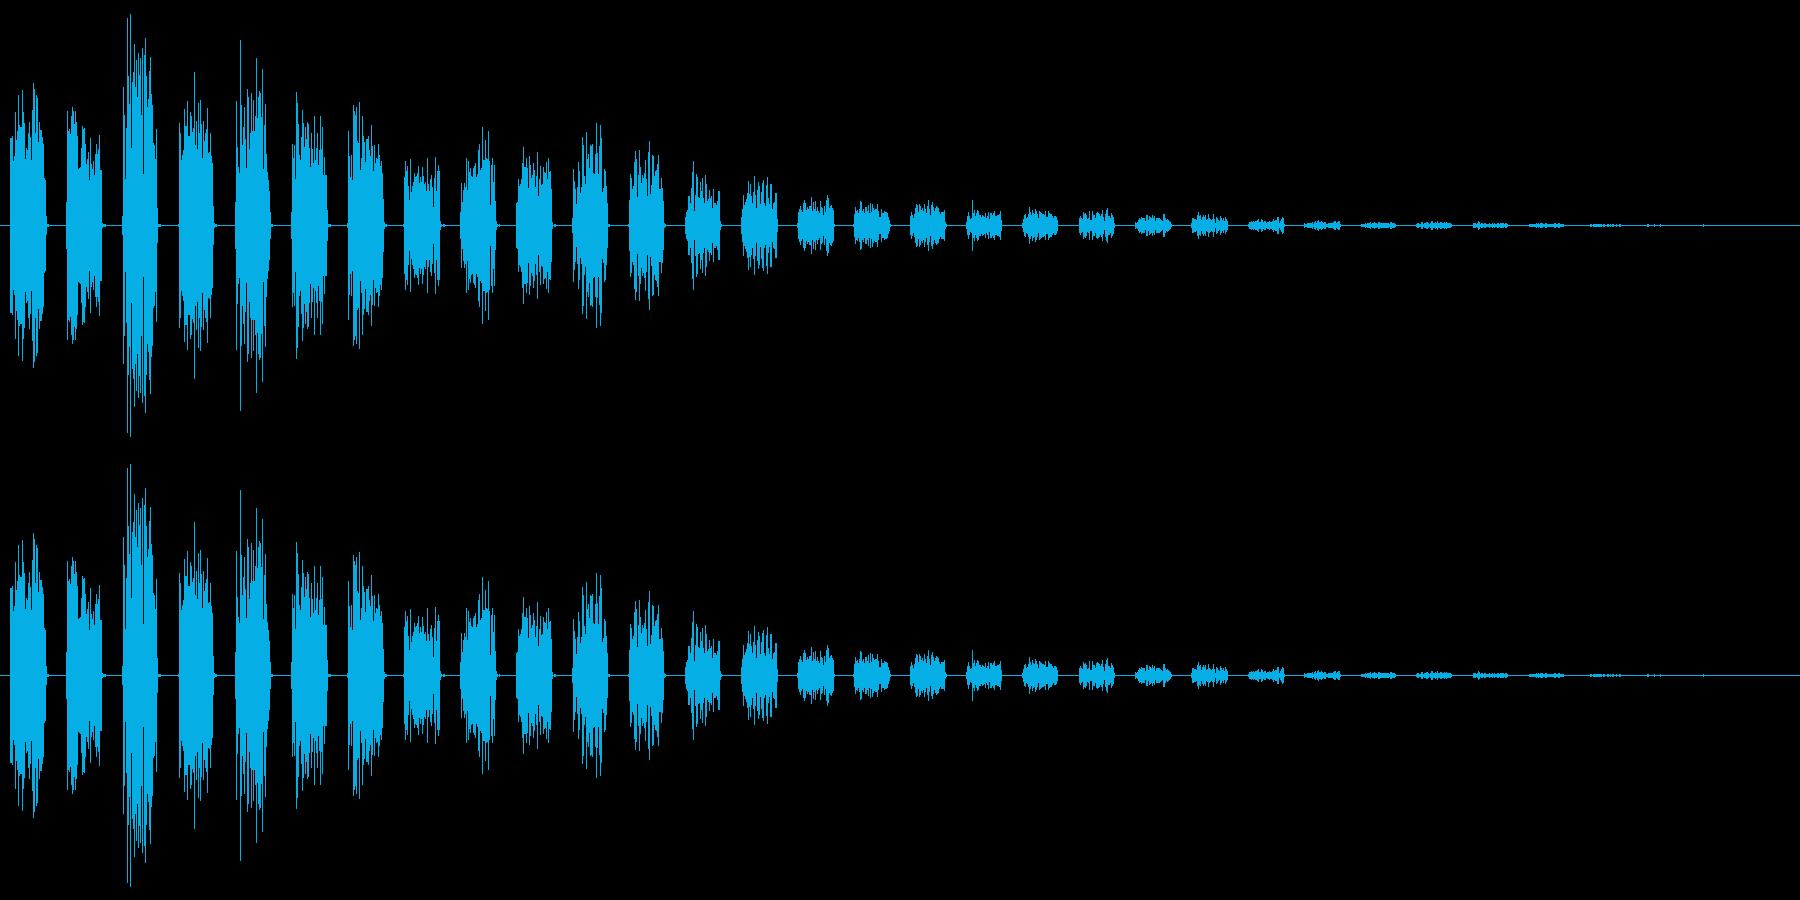 【エレキギター】クリーントレモロ音の再生済みの波形